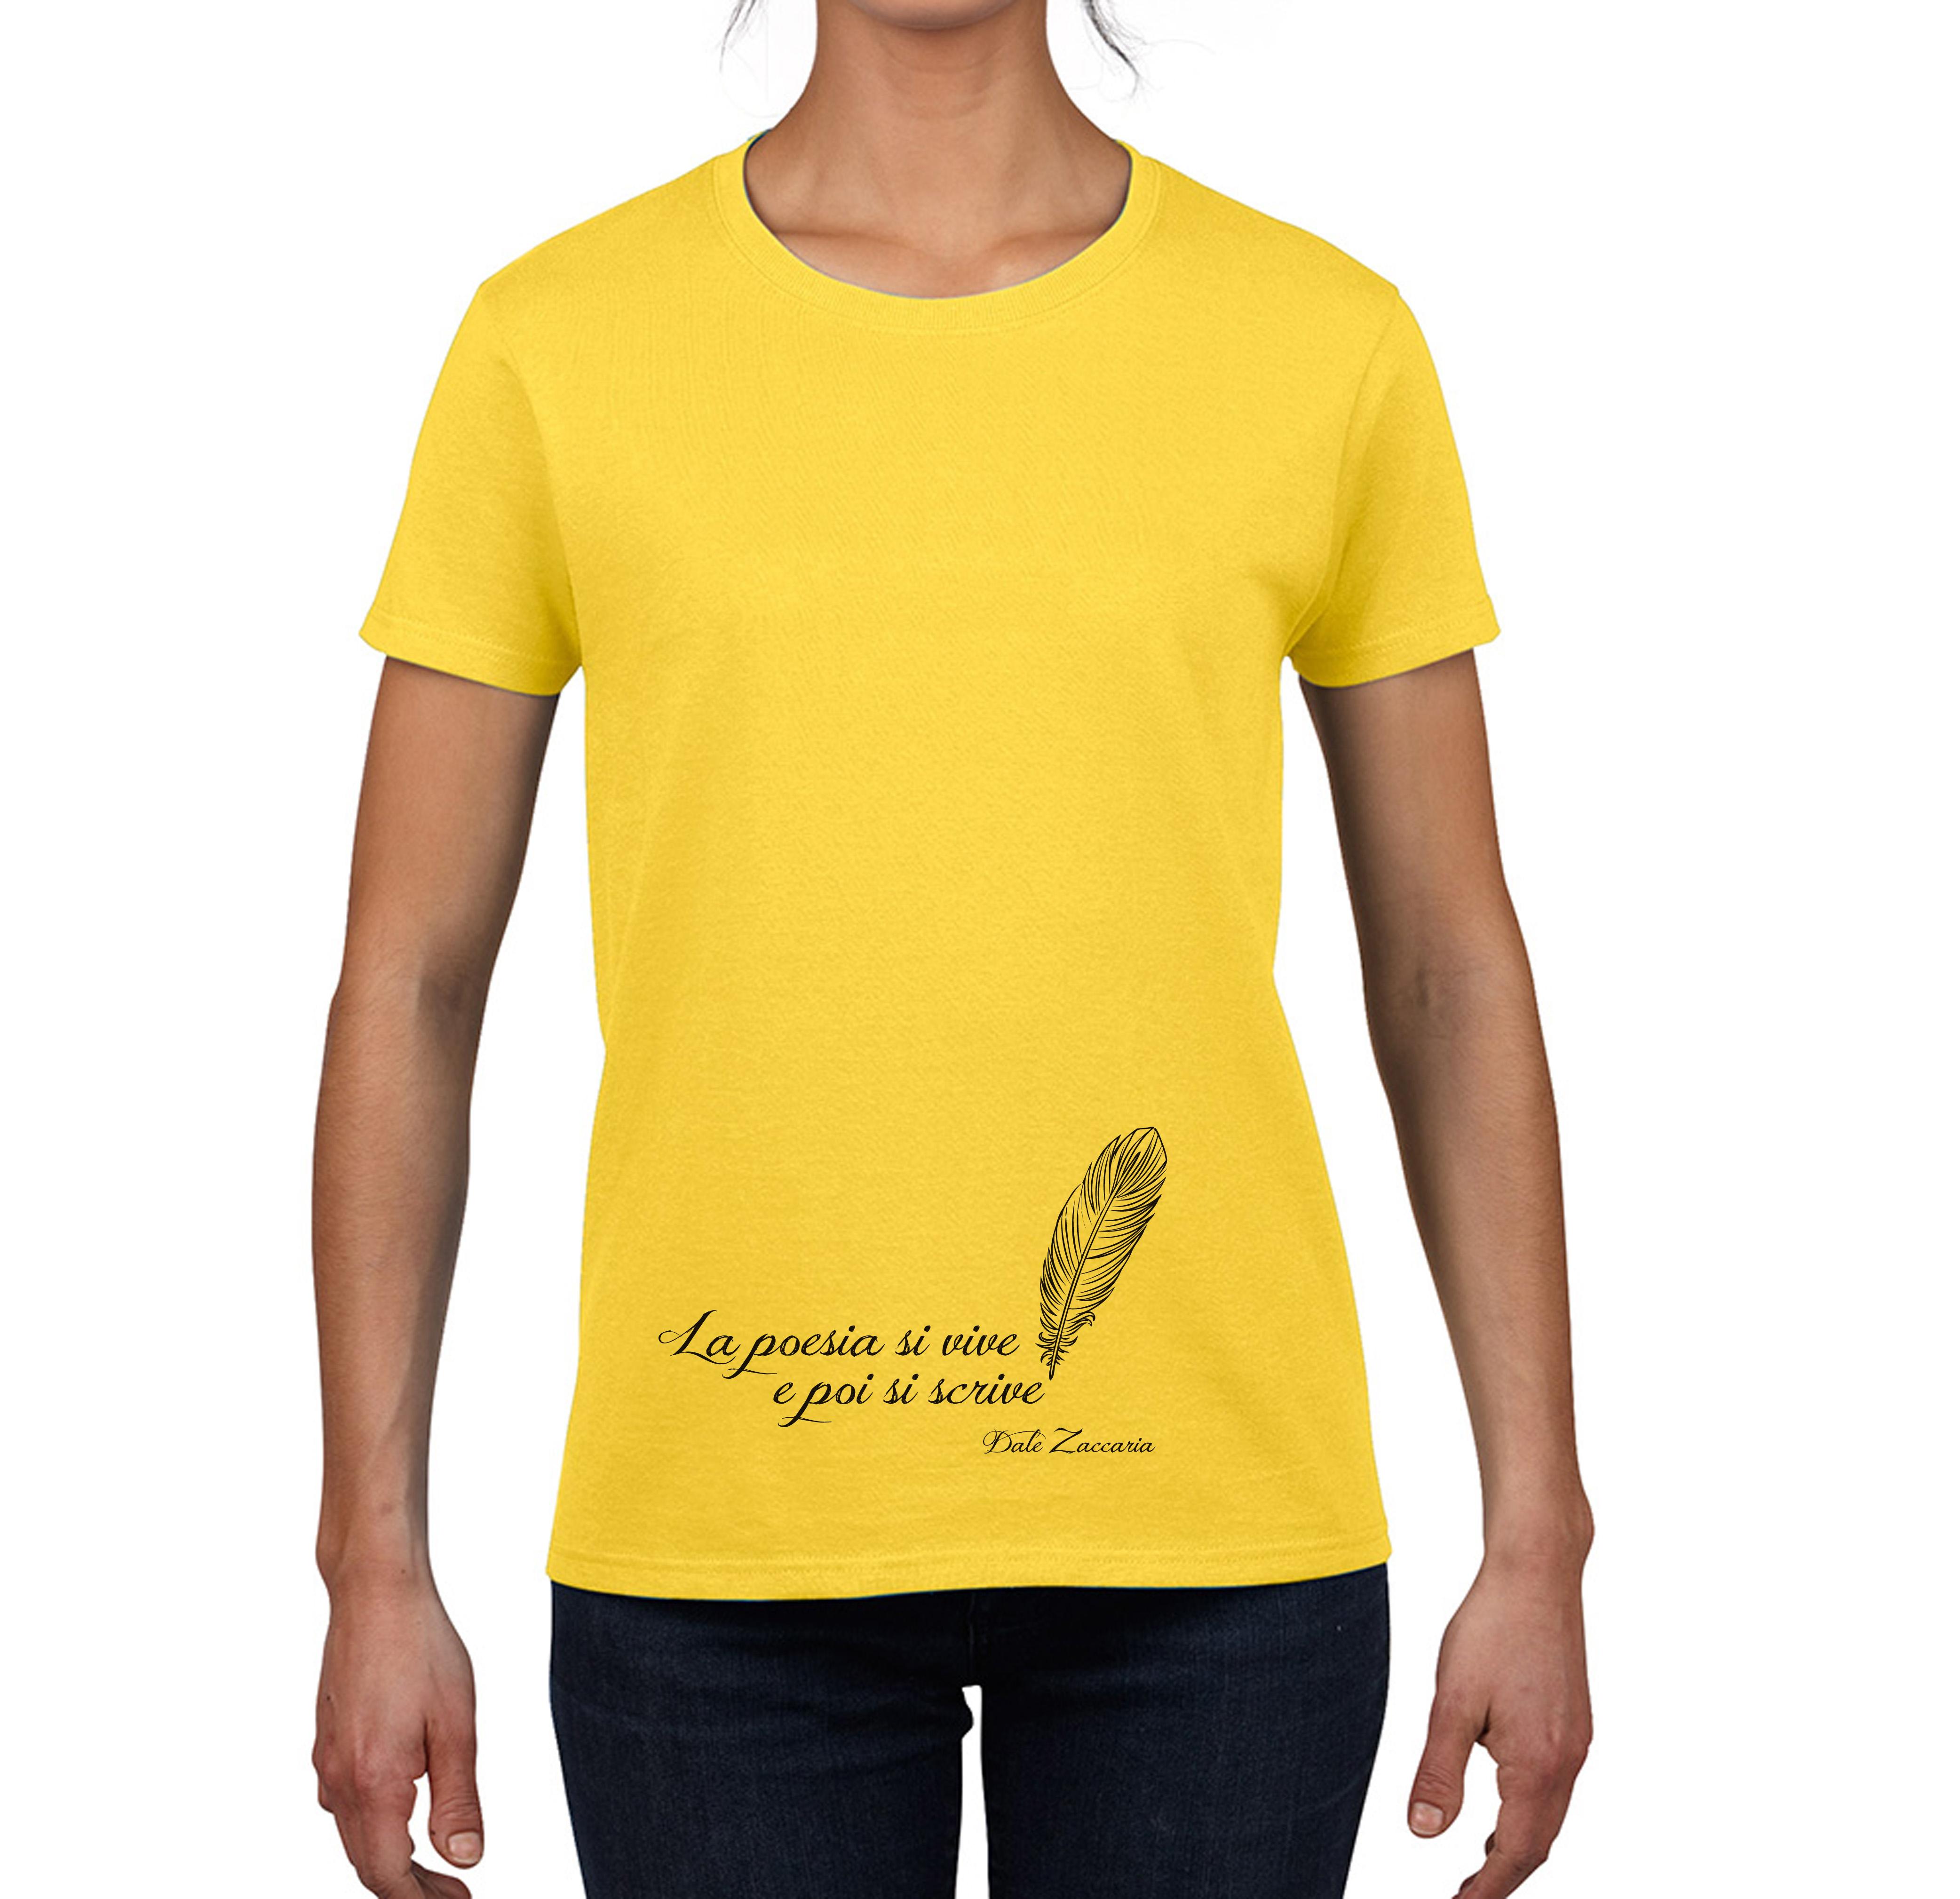 e-commerce maglietta_dalezaccaria.com